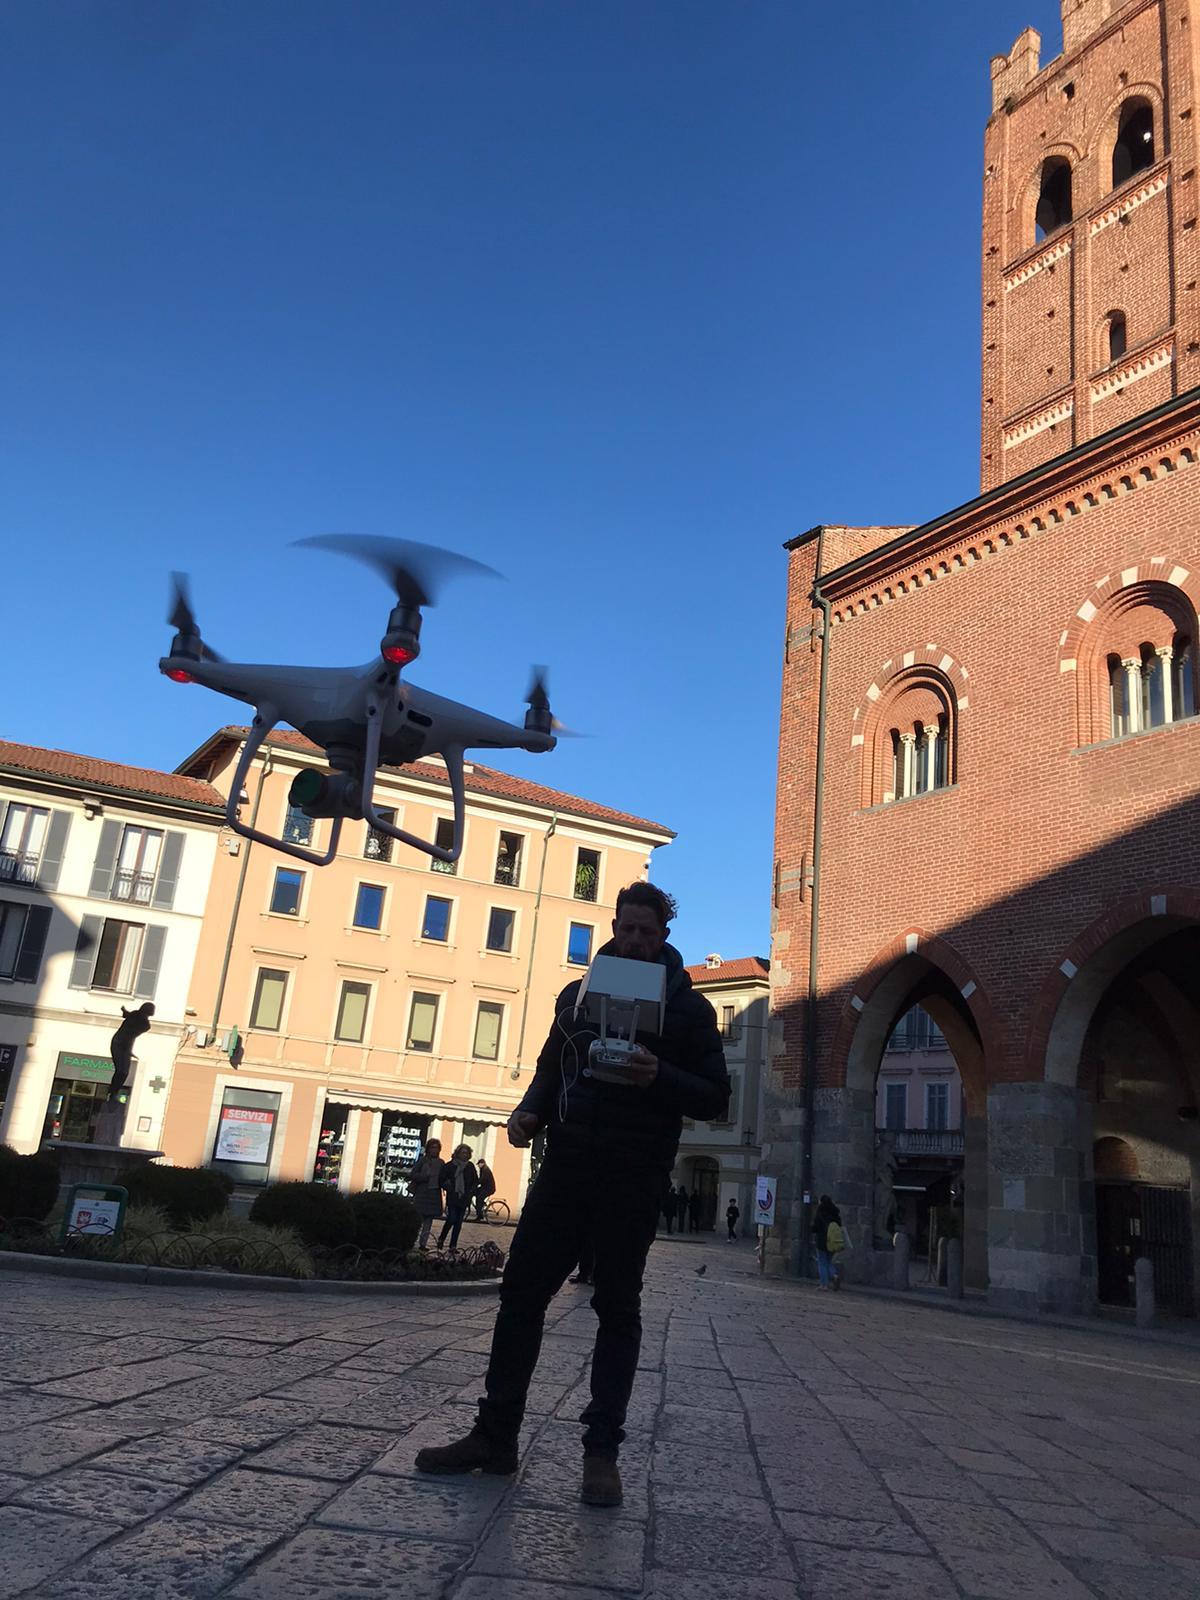 Monza su Rai Uno, telecamere nel cuore del centro storico FOTO